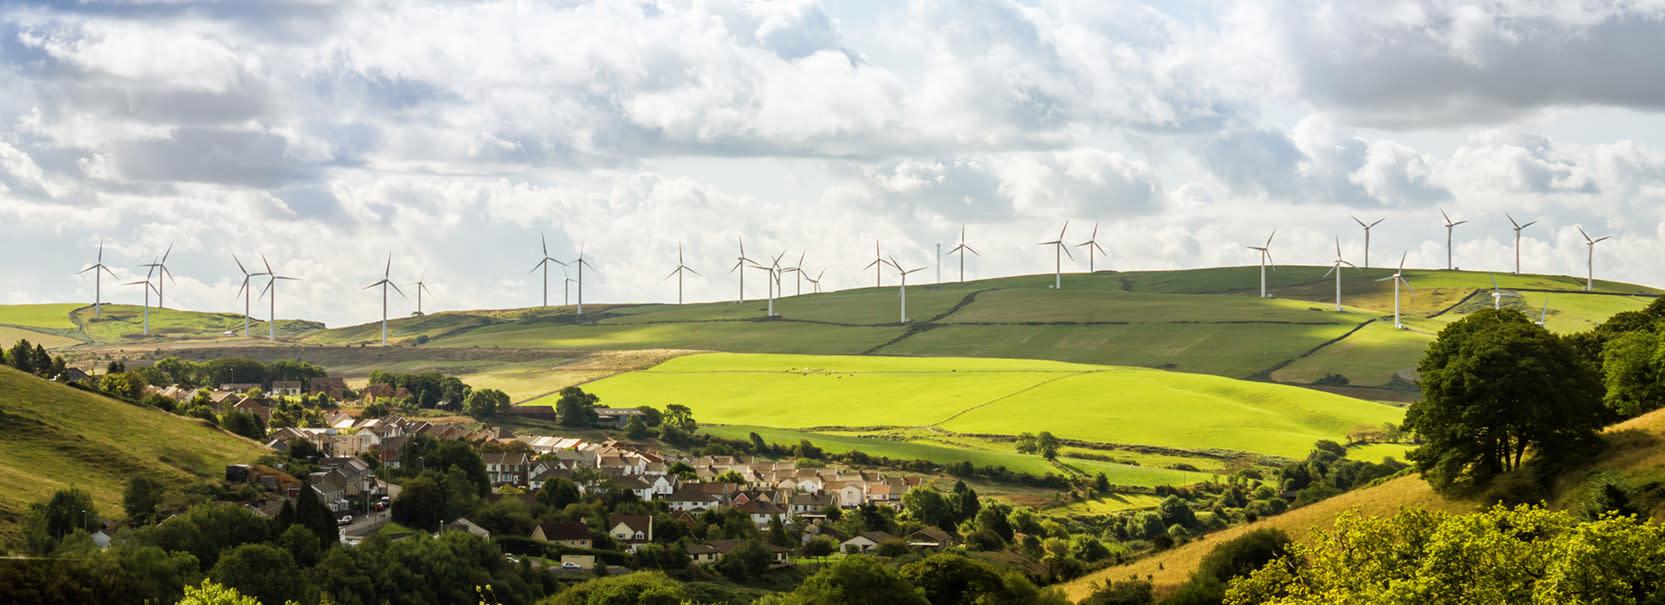 Wind-farm scenery